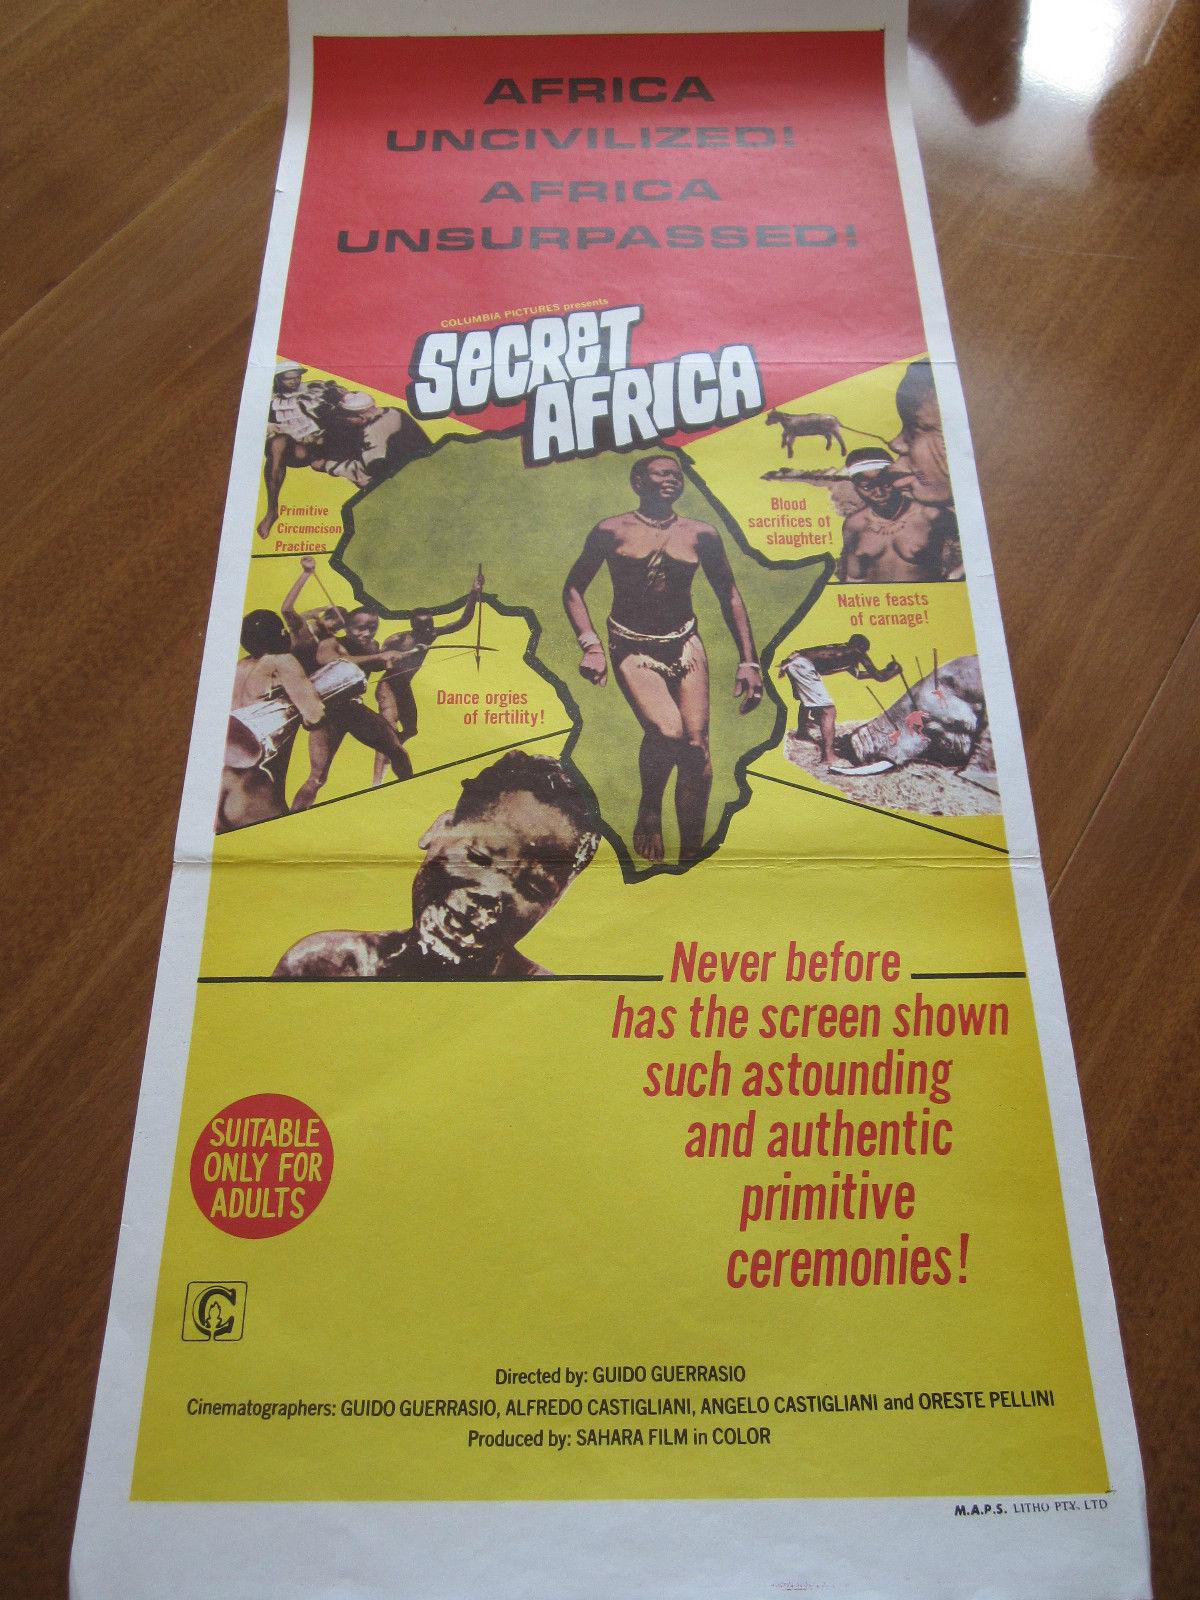 Secret-Africa-1969-Original-Australian-Daybill-Poster.jpg